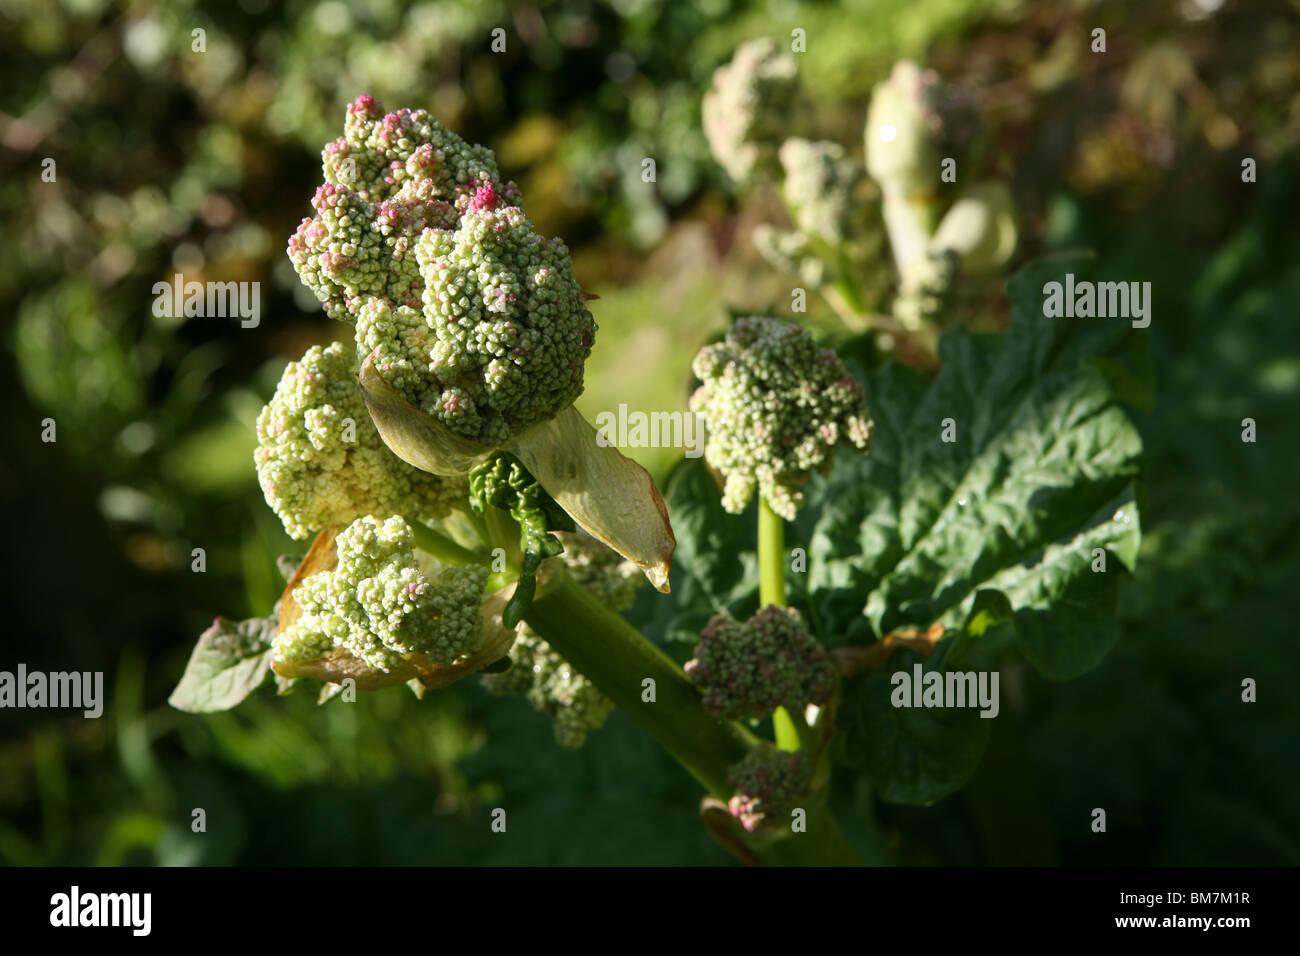 Rheum rhabarbarum or Rheum x hybridum - Rhubarb flower - Stock Image